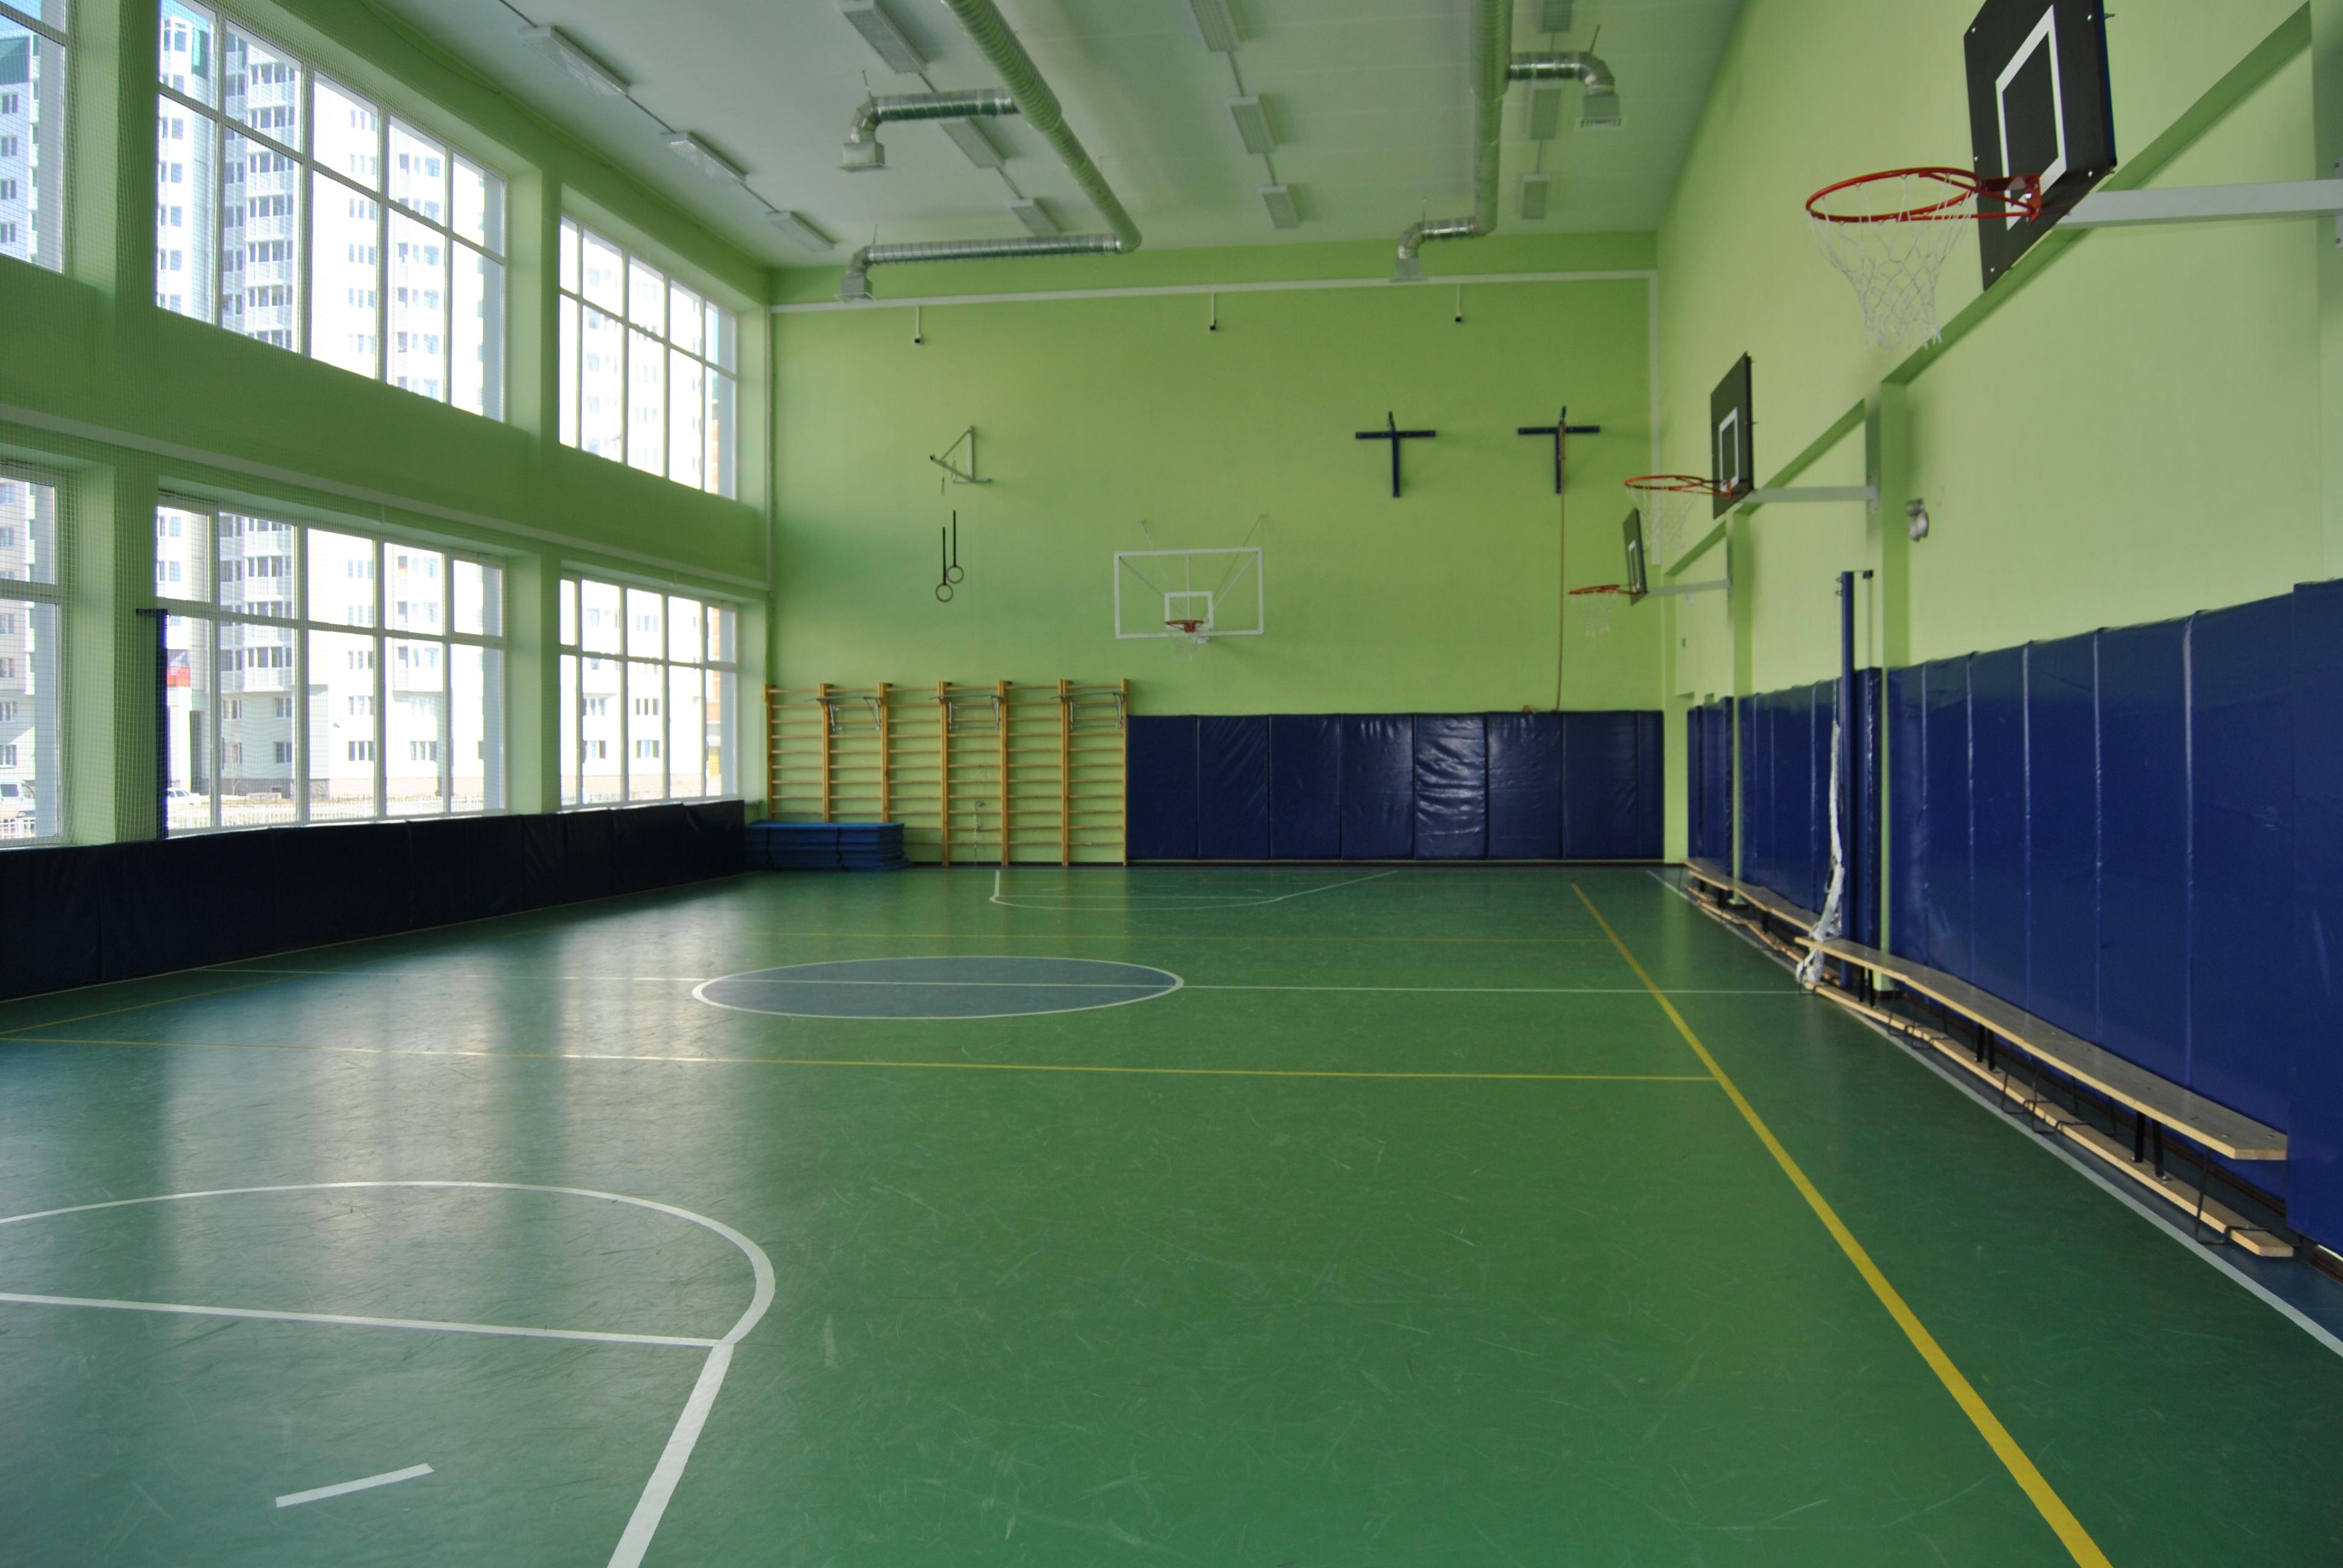 Бесплатный спортзал пауэрлифтинг - e